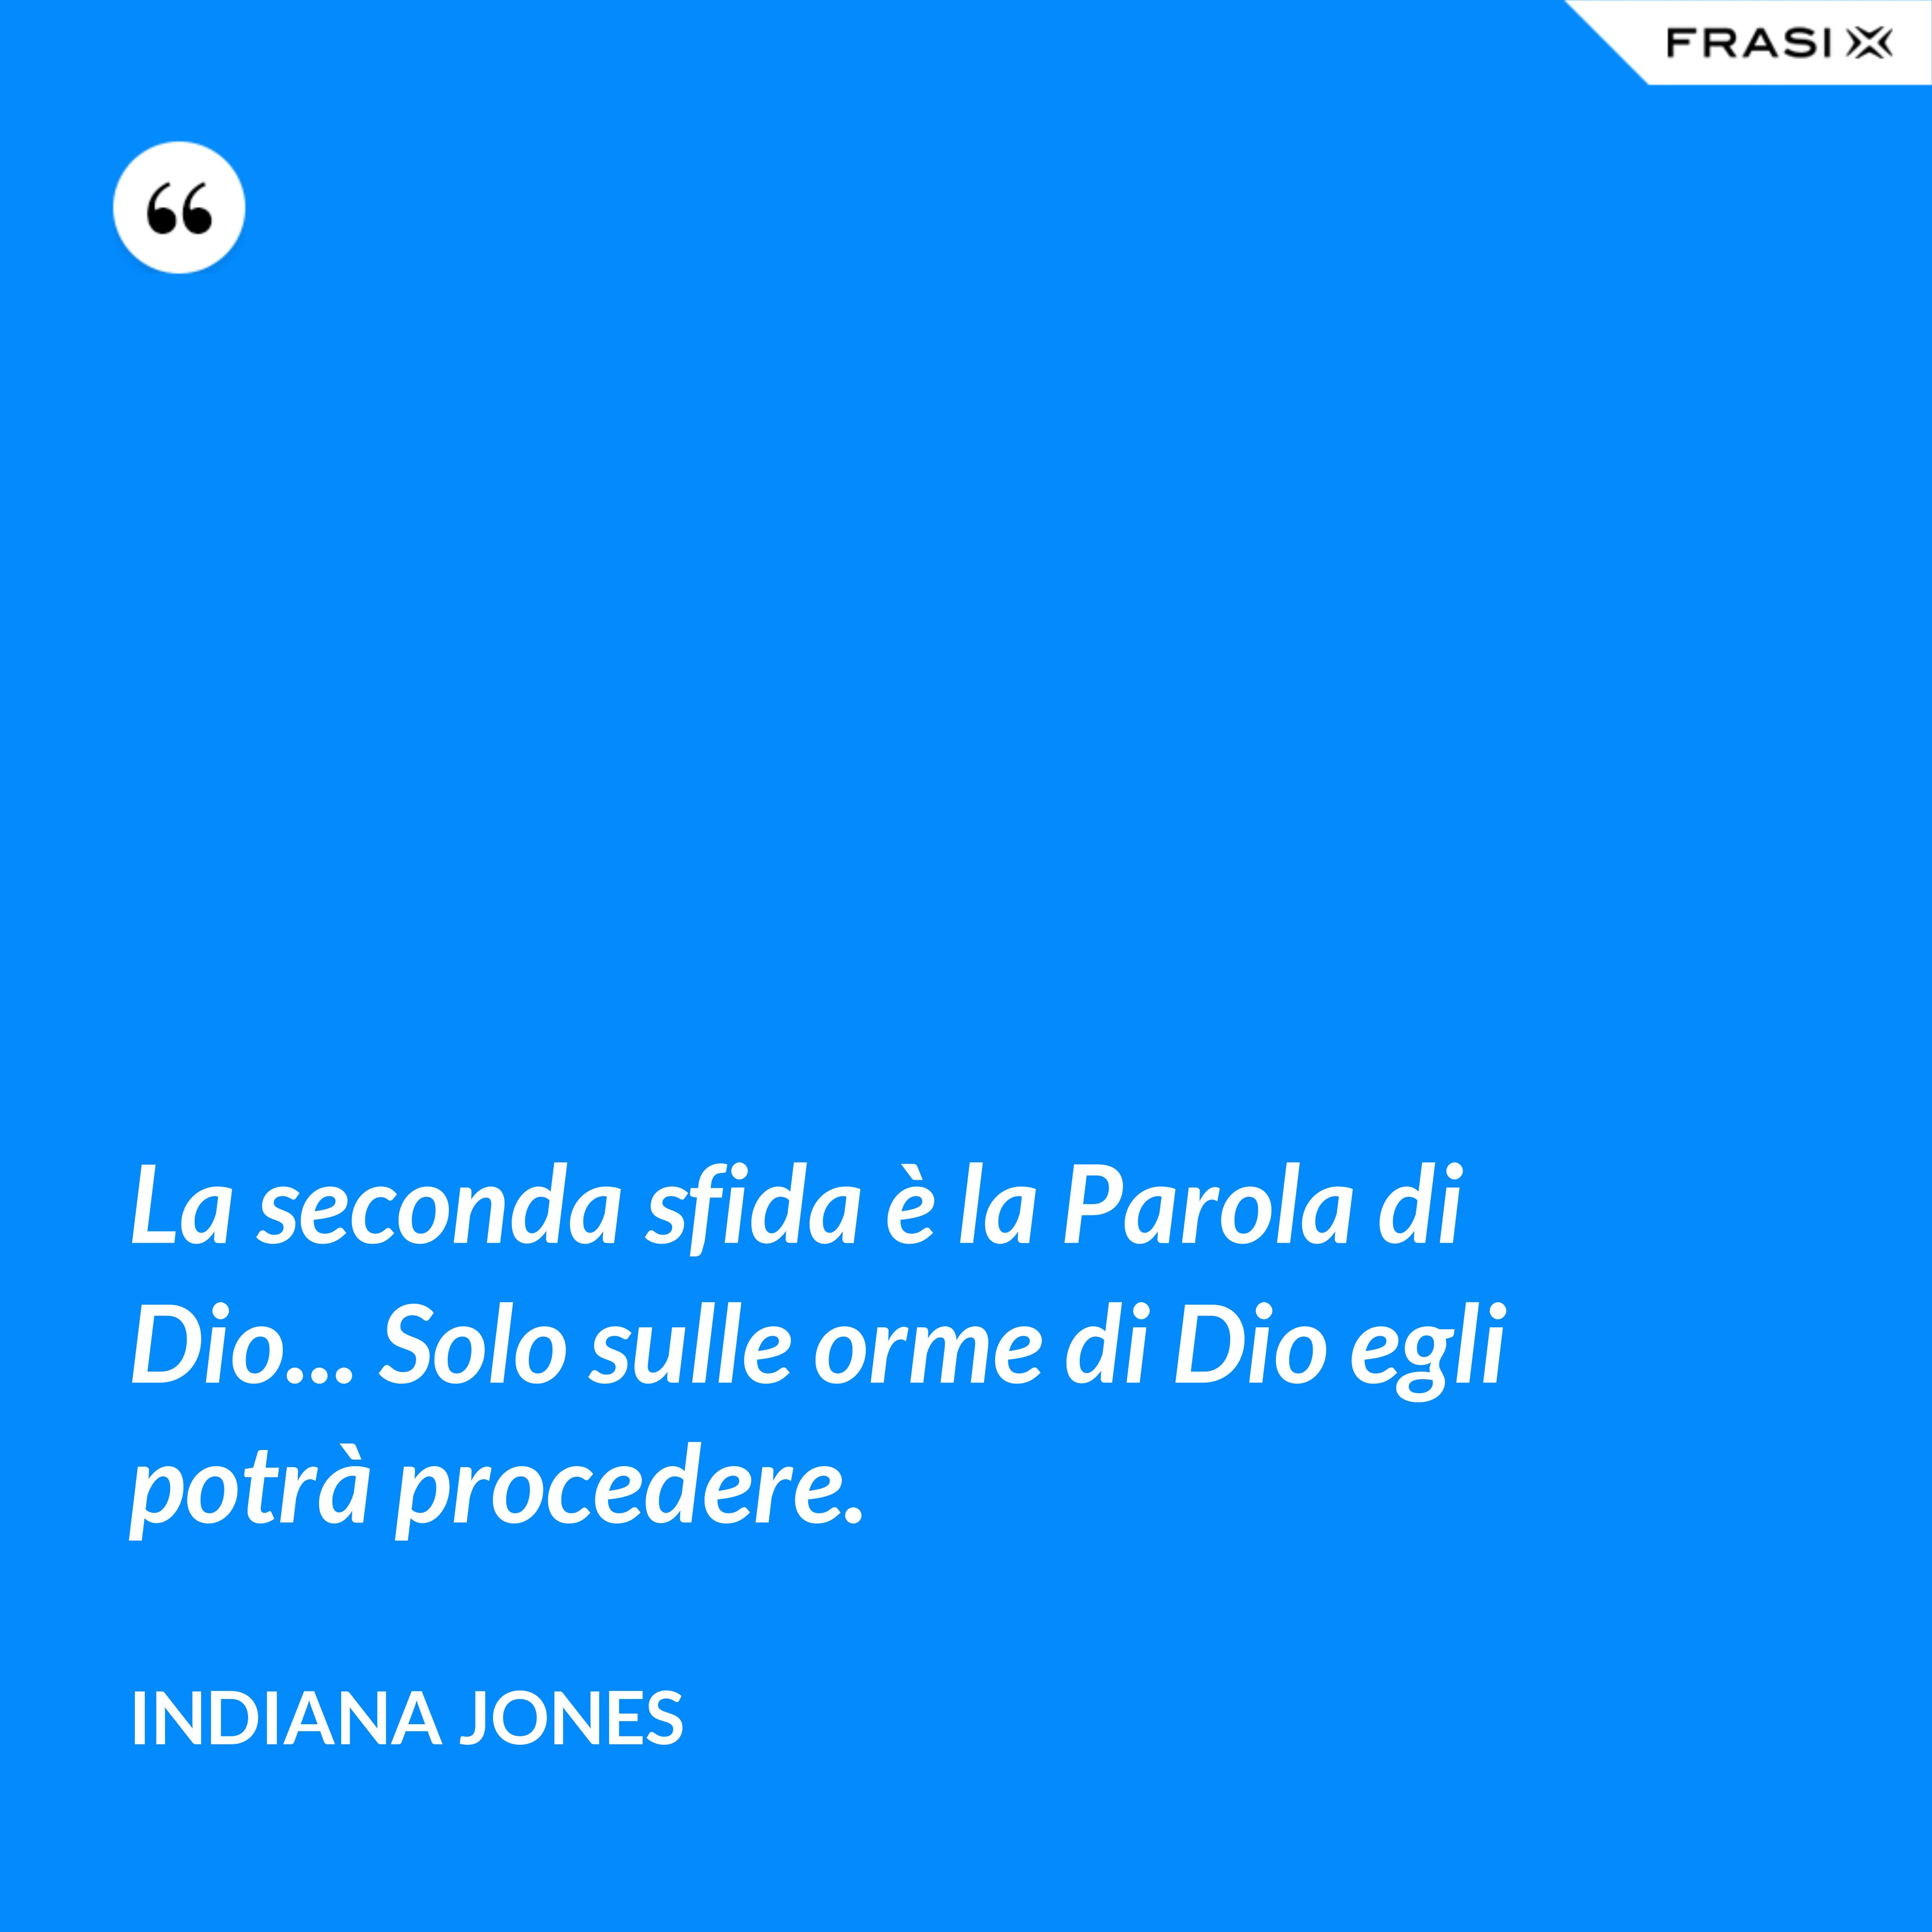 La seconda sfida è la Parola di Dio... Solo sulle orme di Dio egli potrà procedere. - Indiana Jones